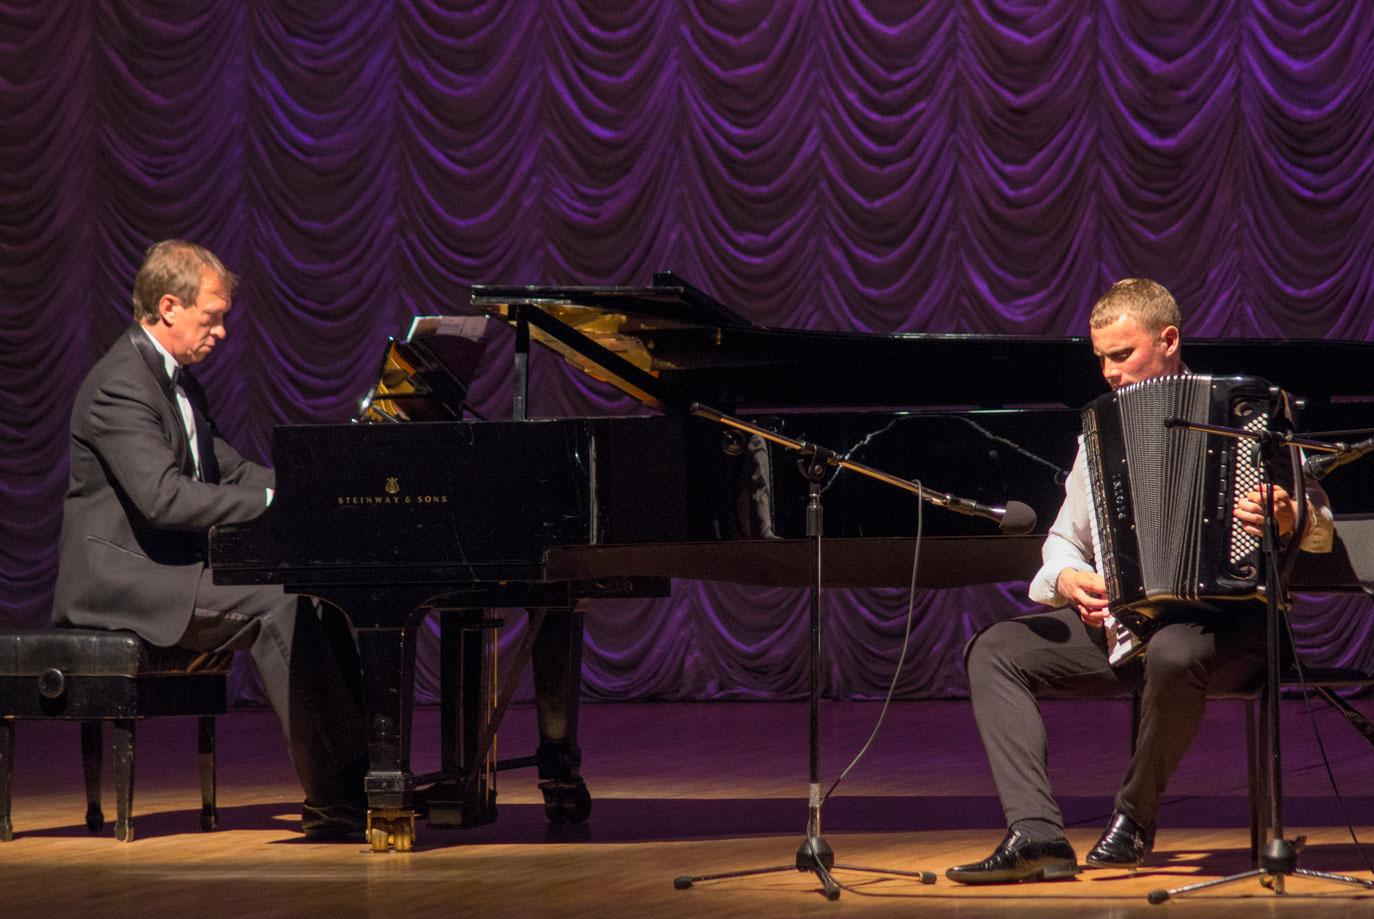 78 музыкальный сезон в Краевой филармонии завершен: да здравствует новый сезон!